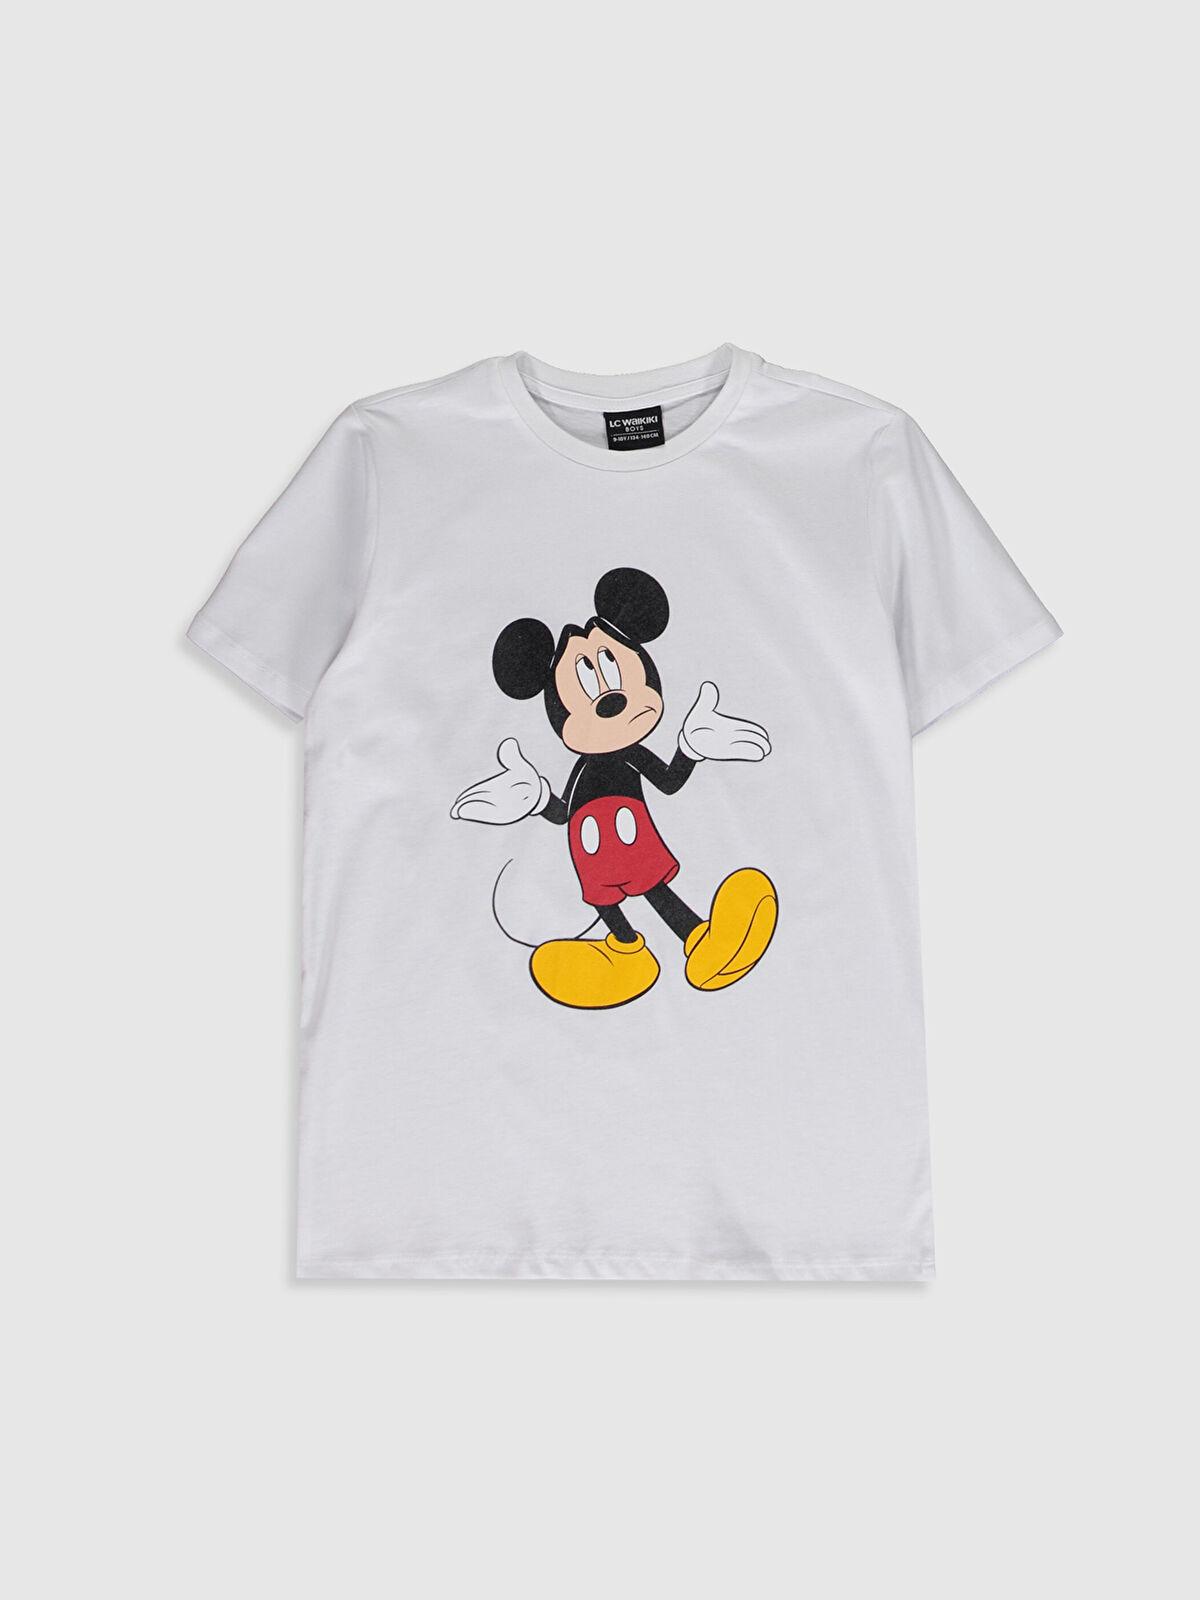 Aile Koleksiyonu Erkek Çocuk Mickey Mouse Baskılı Pamuklu Tişört - LC WAIKIKI